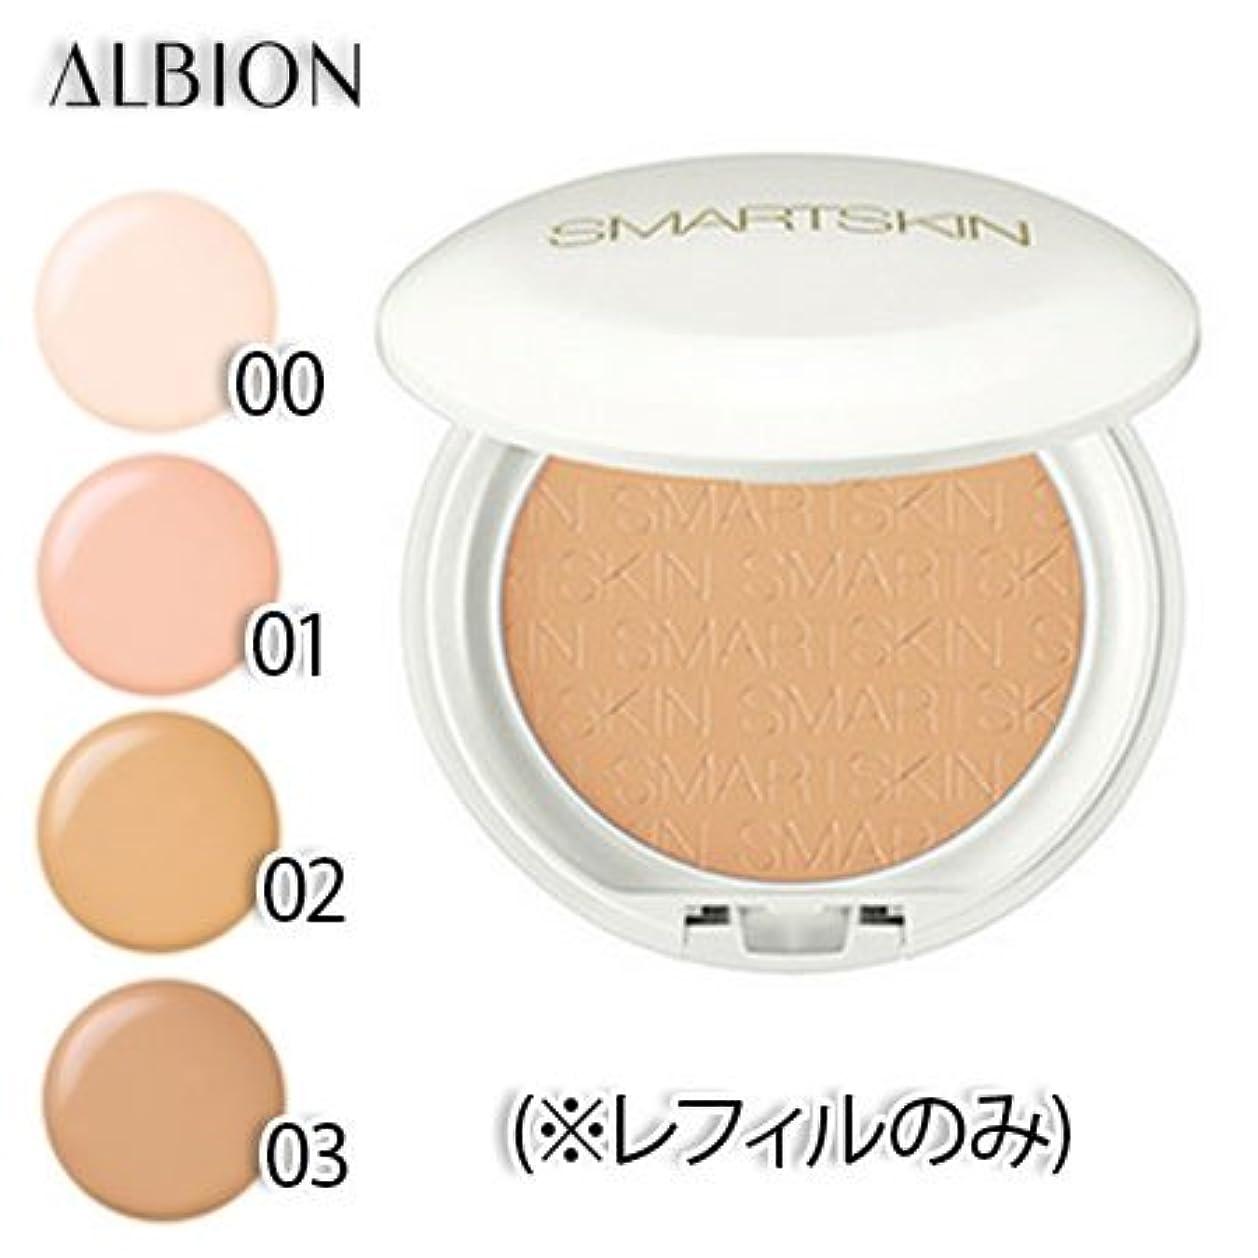 ウミウシエレガント刺すアルビオン スマートスキン ホワイトレア 全4色 (レフィルのみ) SPF40 PA++++ 10g -ALBION- 01